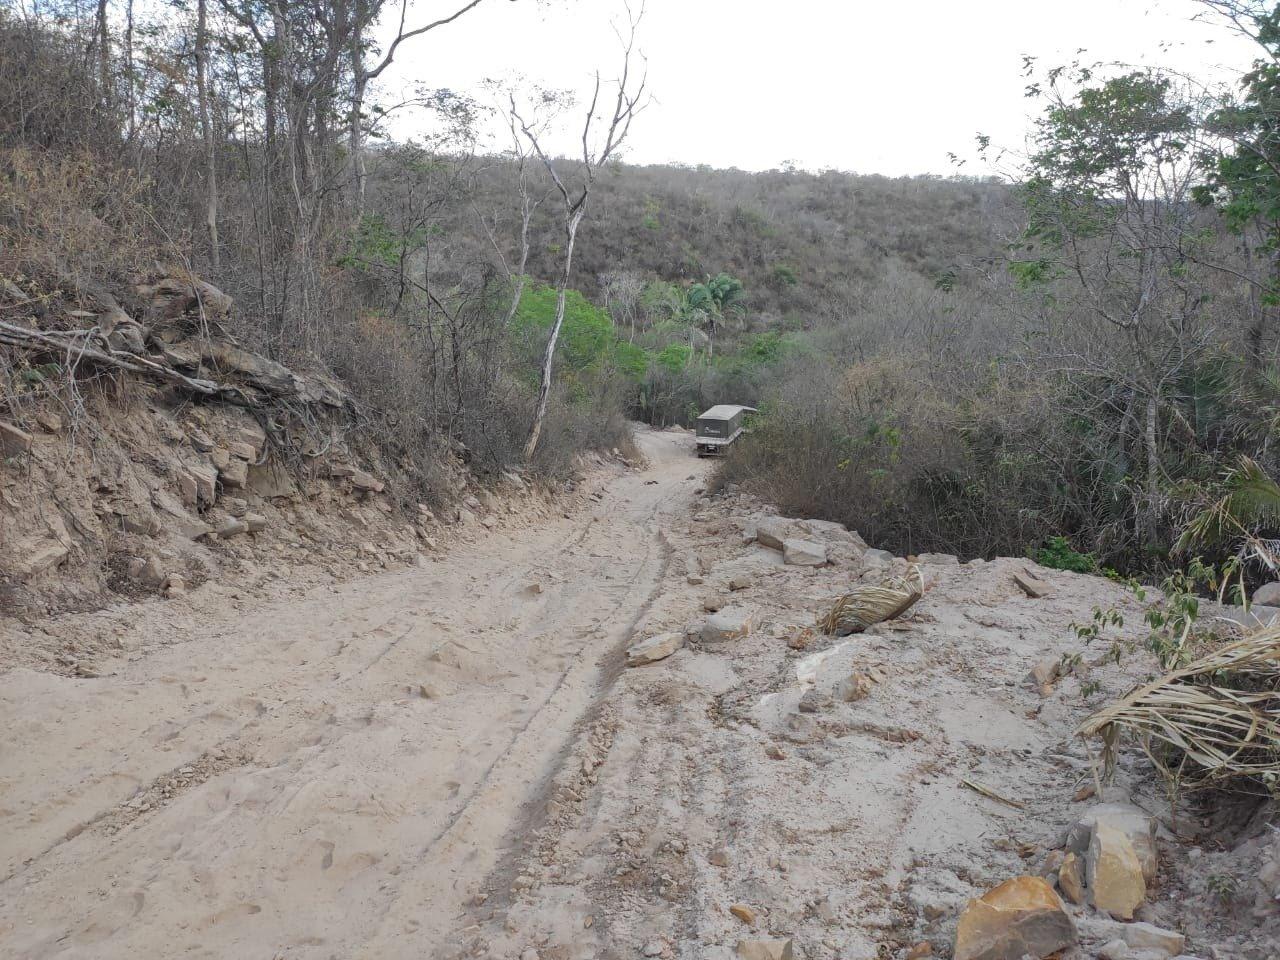 Caminhoneiro piauiense morre atropelado pelo próprio veículo no Ceará - Imagem 2